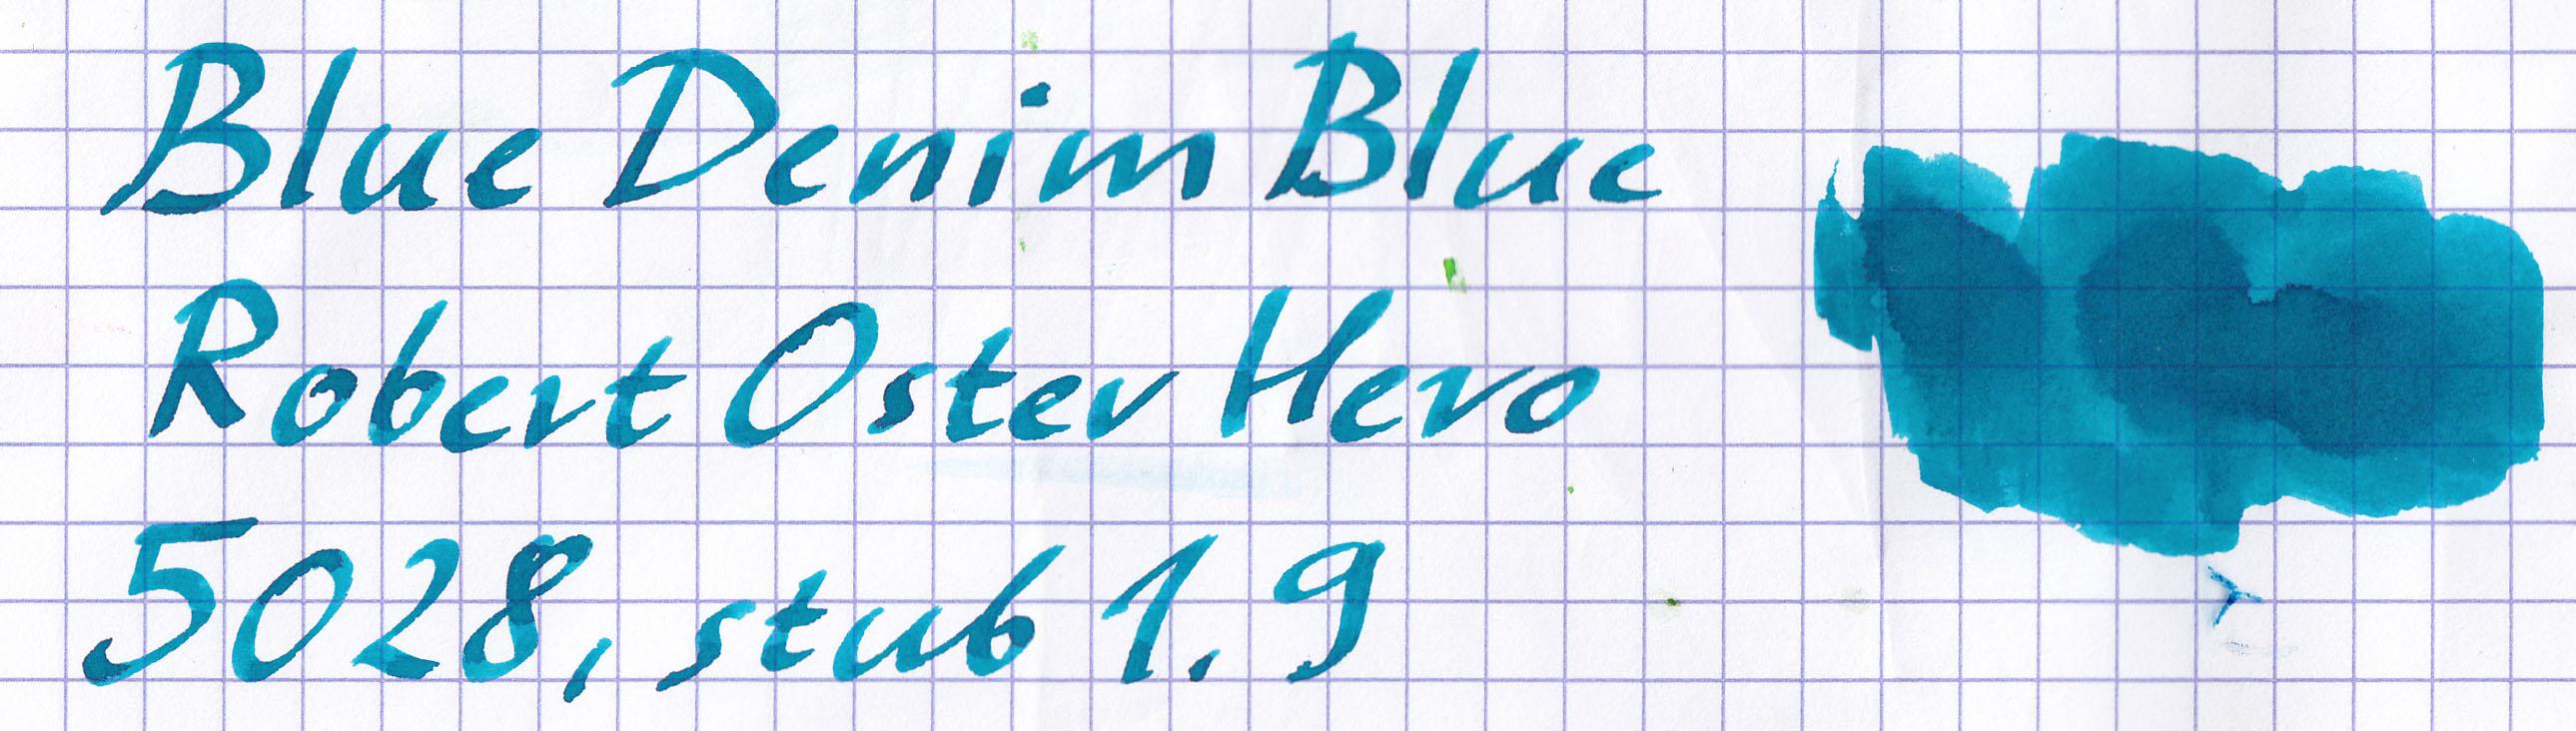 fpn_1467234470__bluedenim_oster_ox.jpg